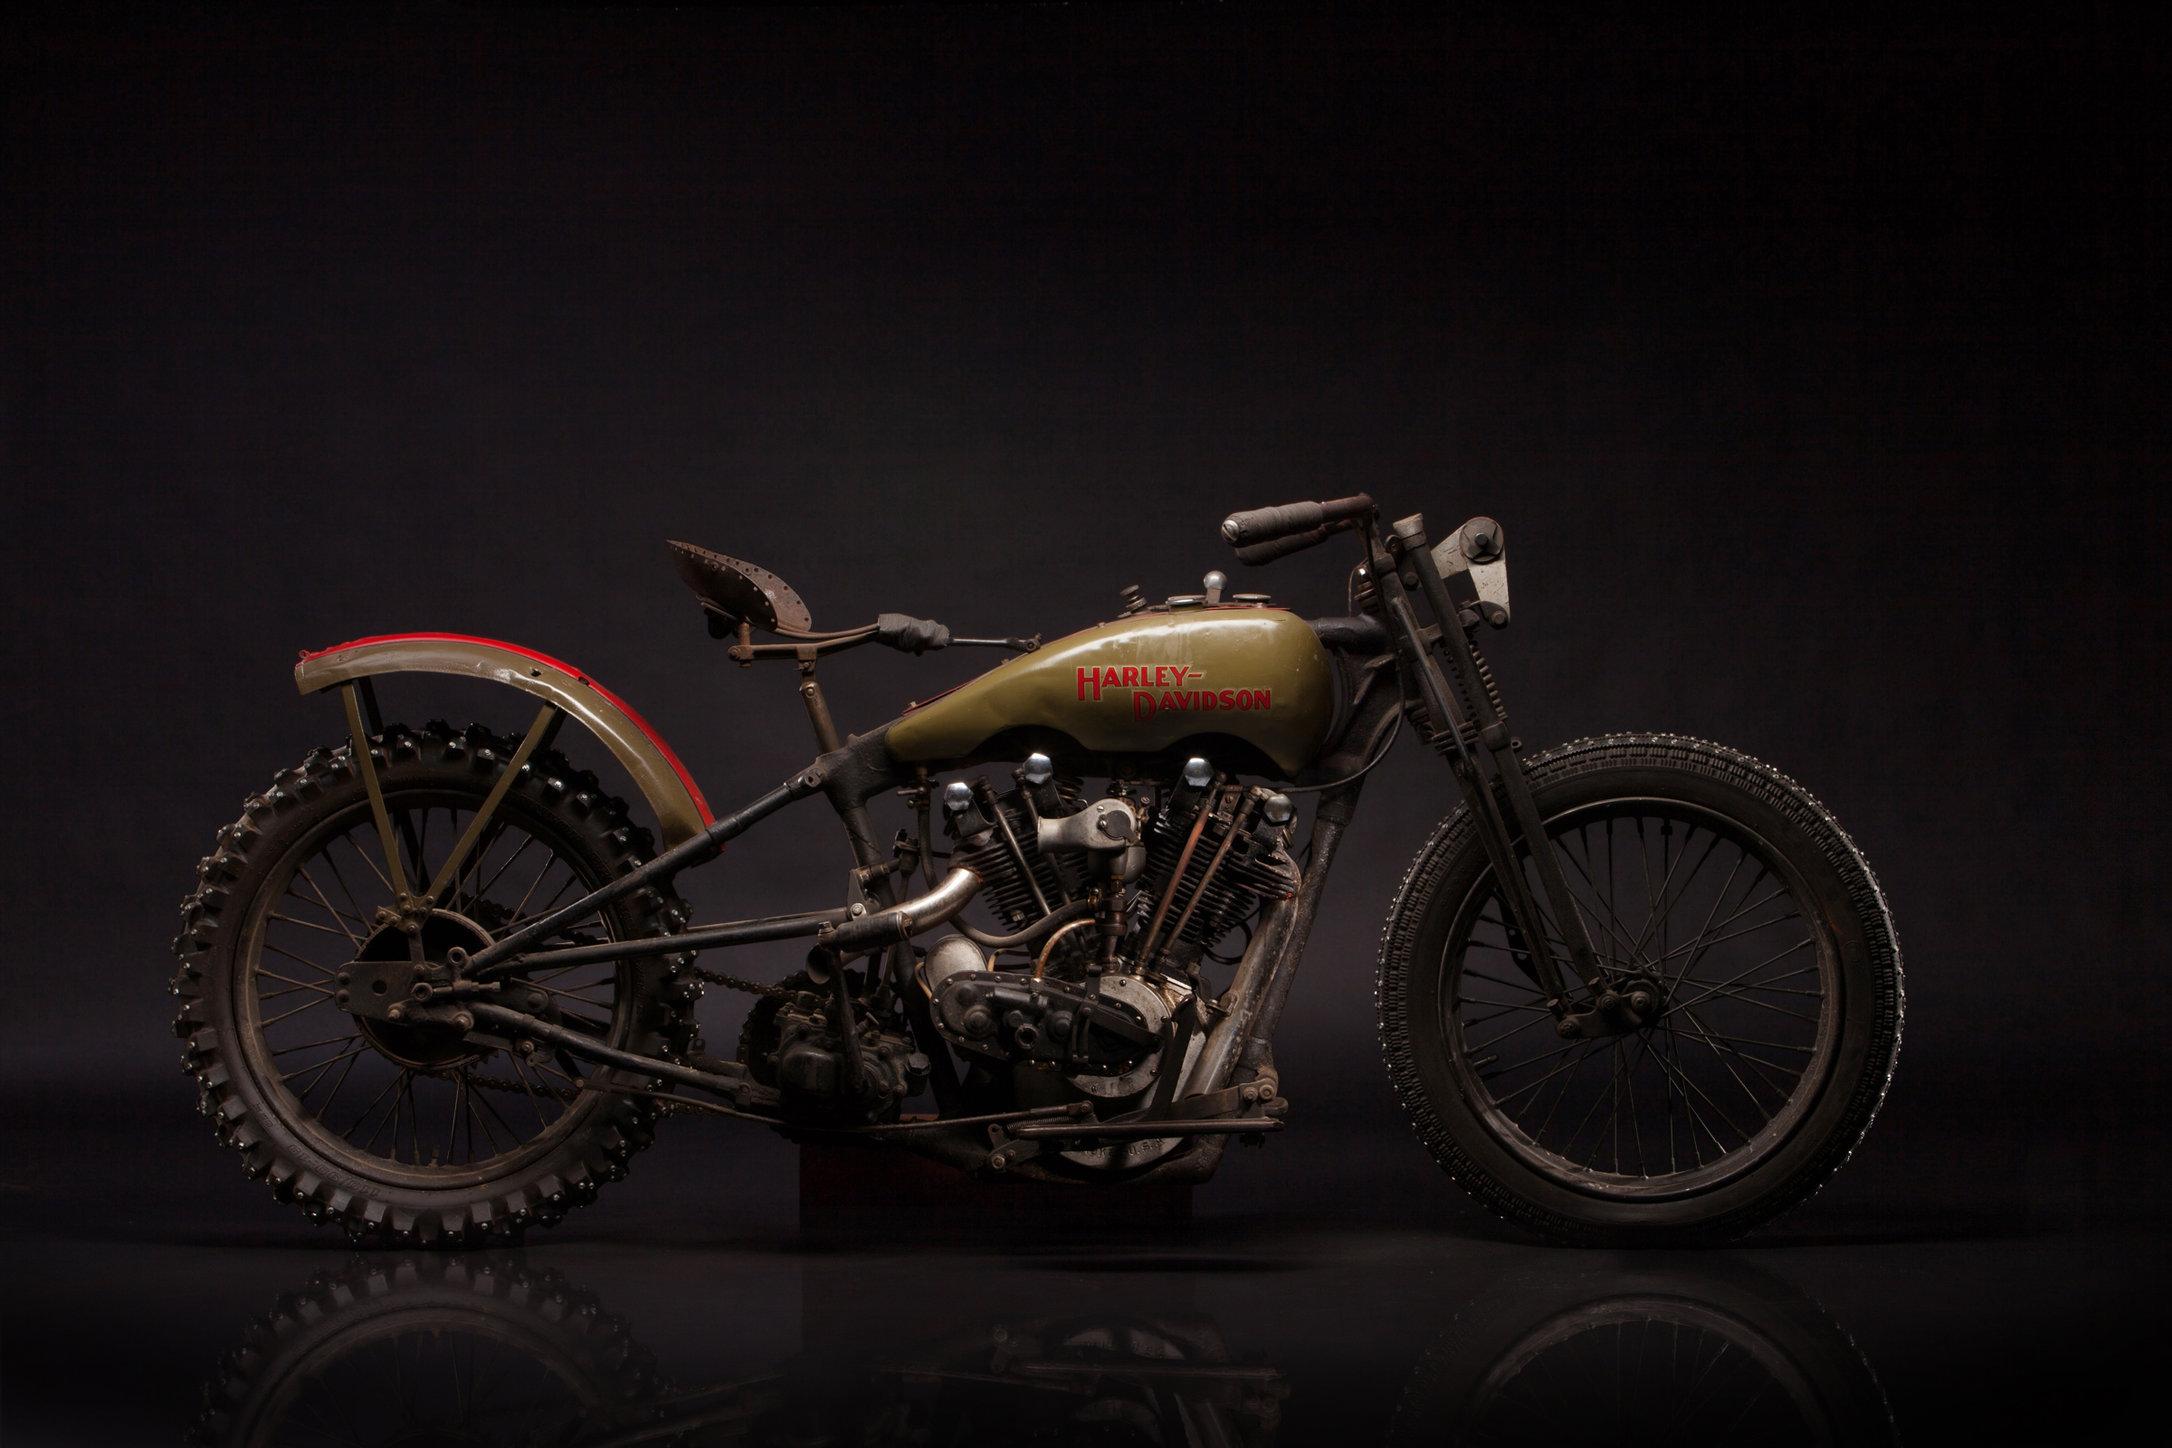 Ice Harleyviewbook2.jpg